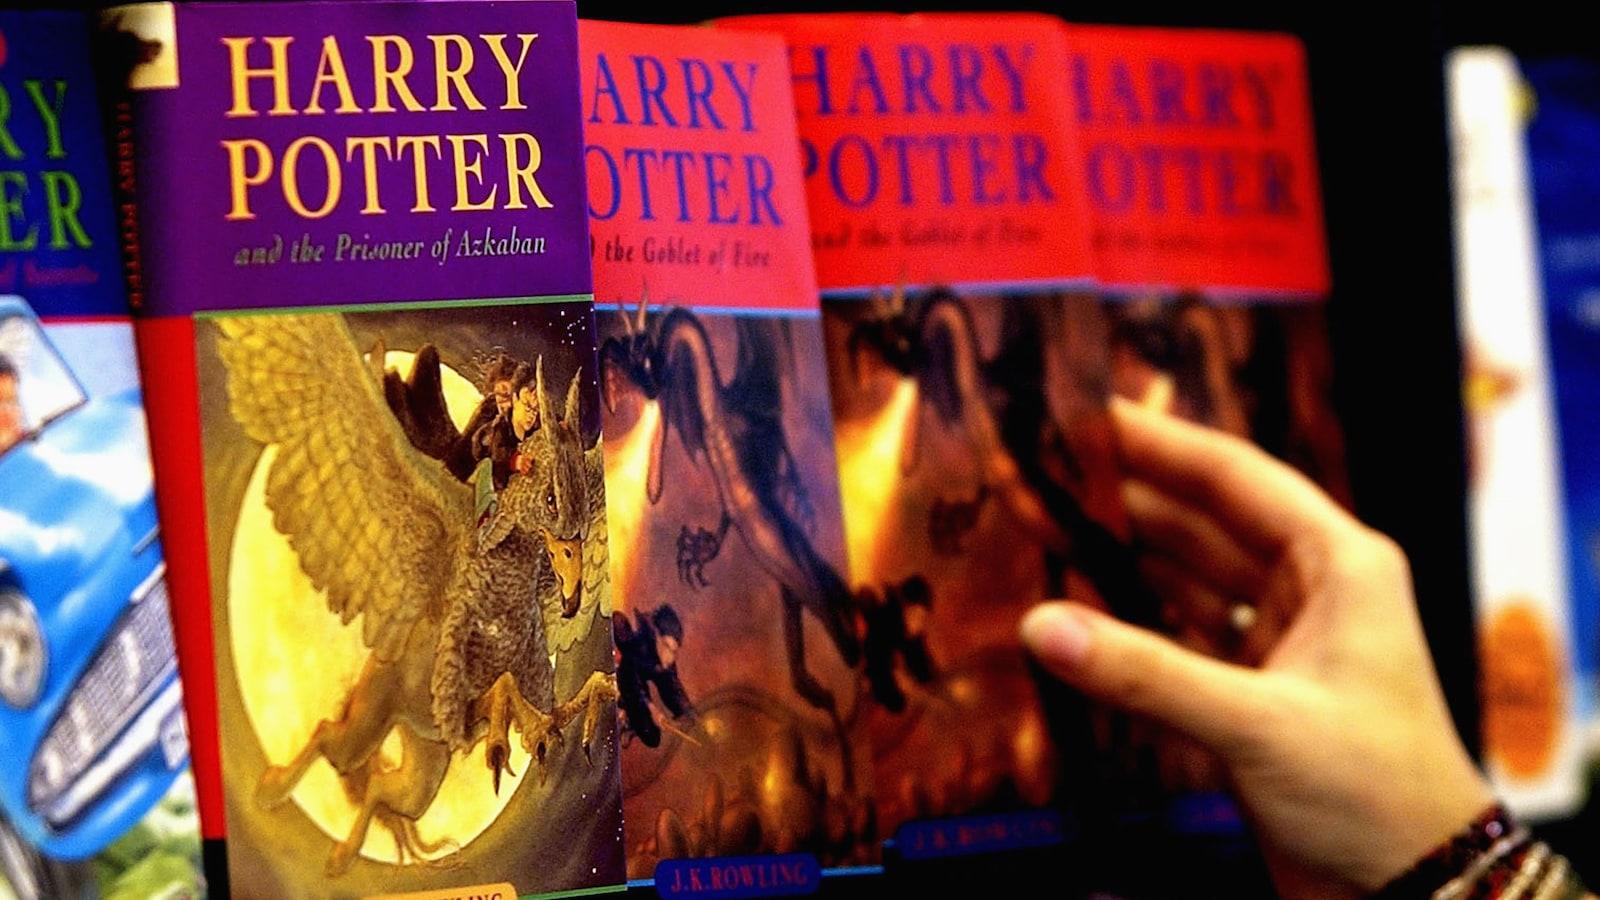 En Pologne, des prêtres brûlent des livres des sagas Harry Potter et Twilight Pluson-harry-potter-livres